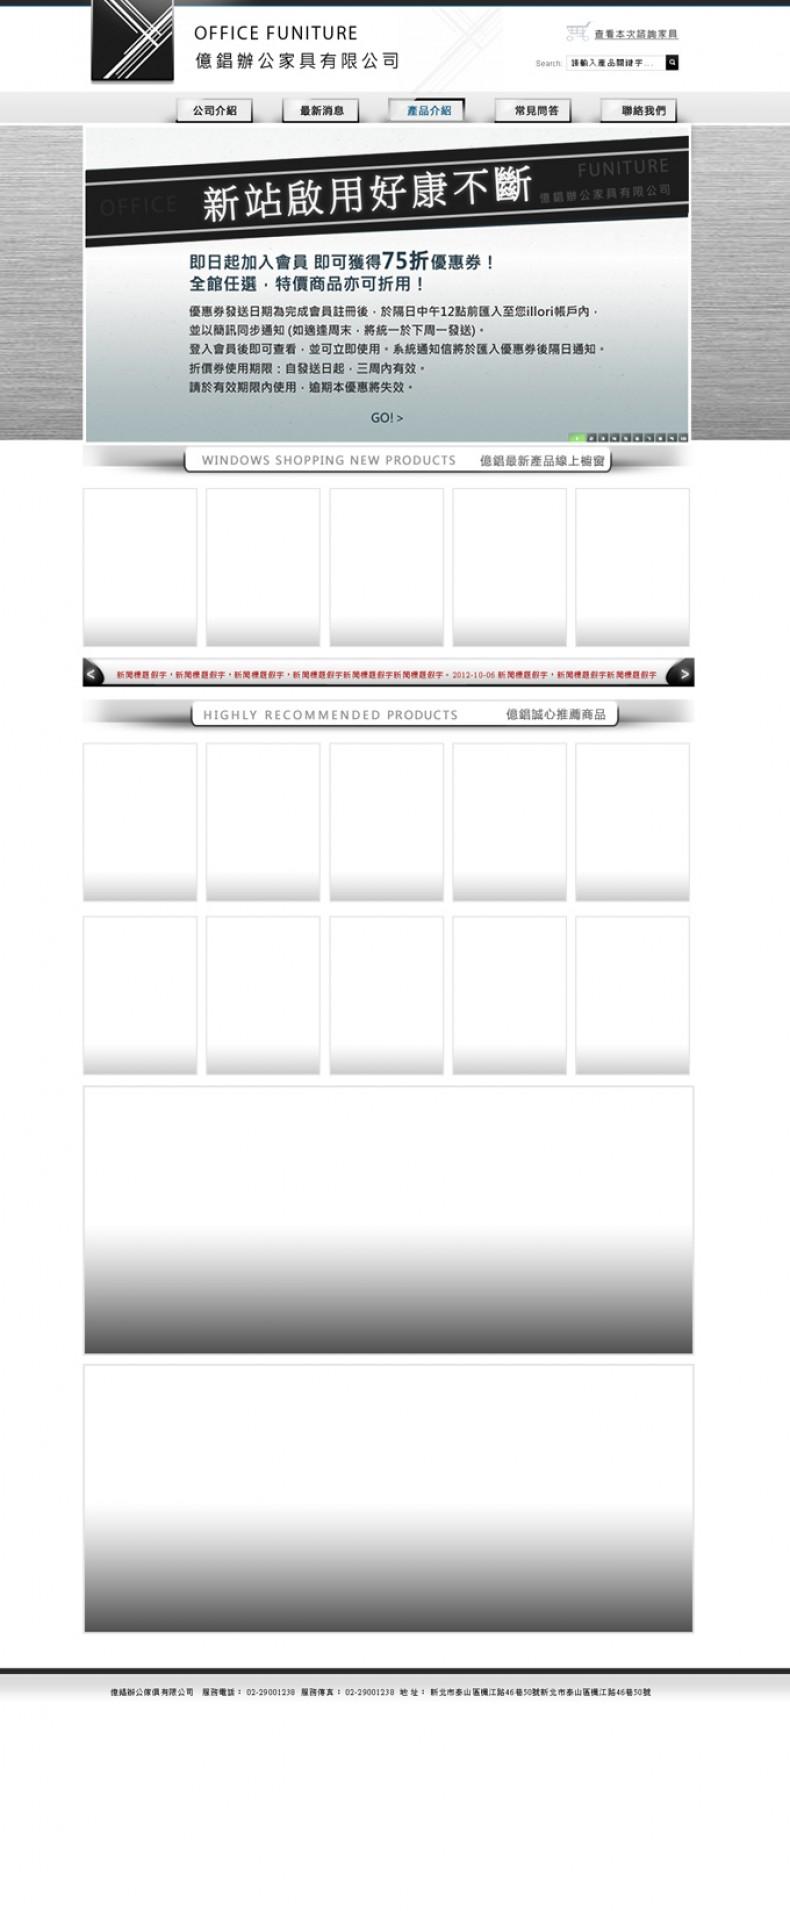 馬克錸網站設計 > 網站設計圖展示 億錩辦公家具